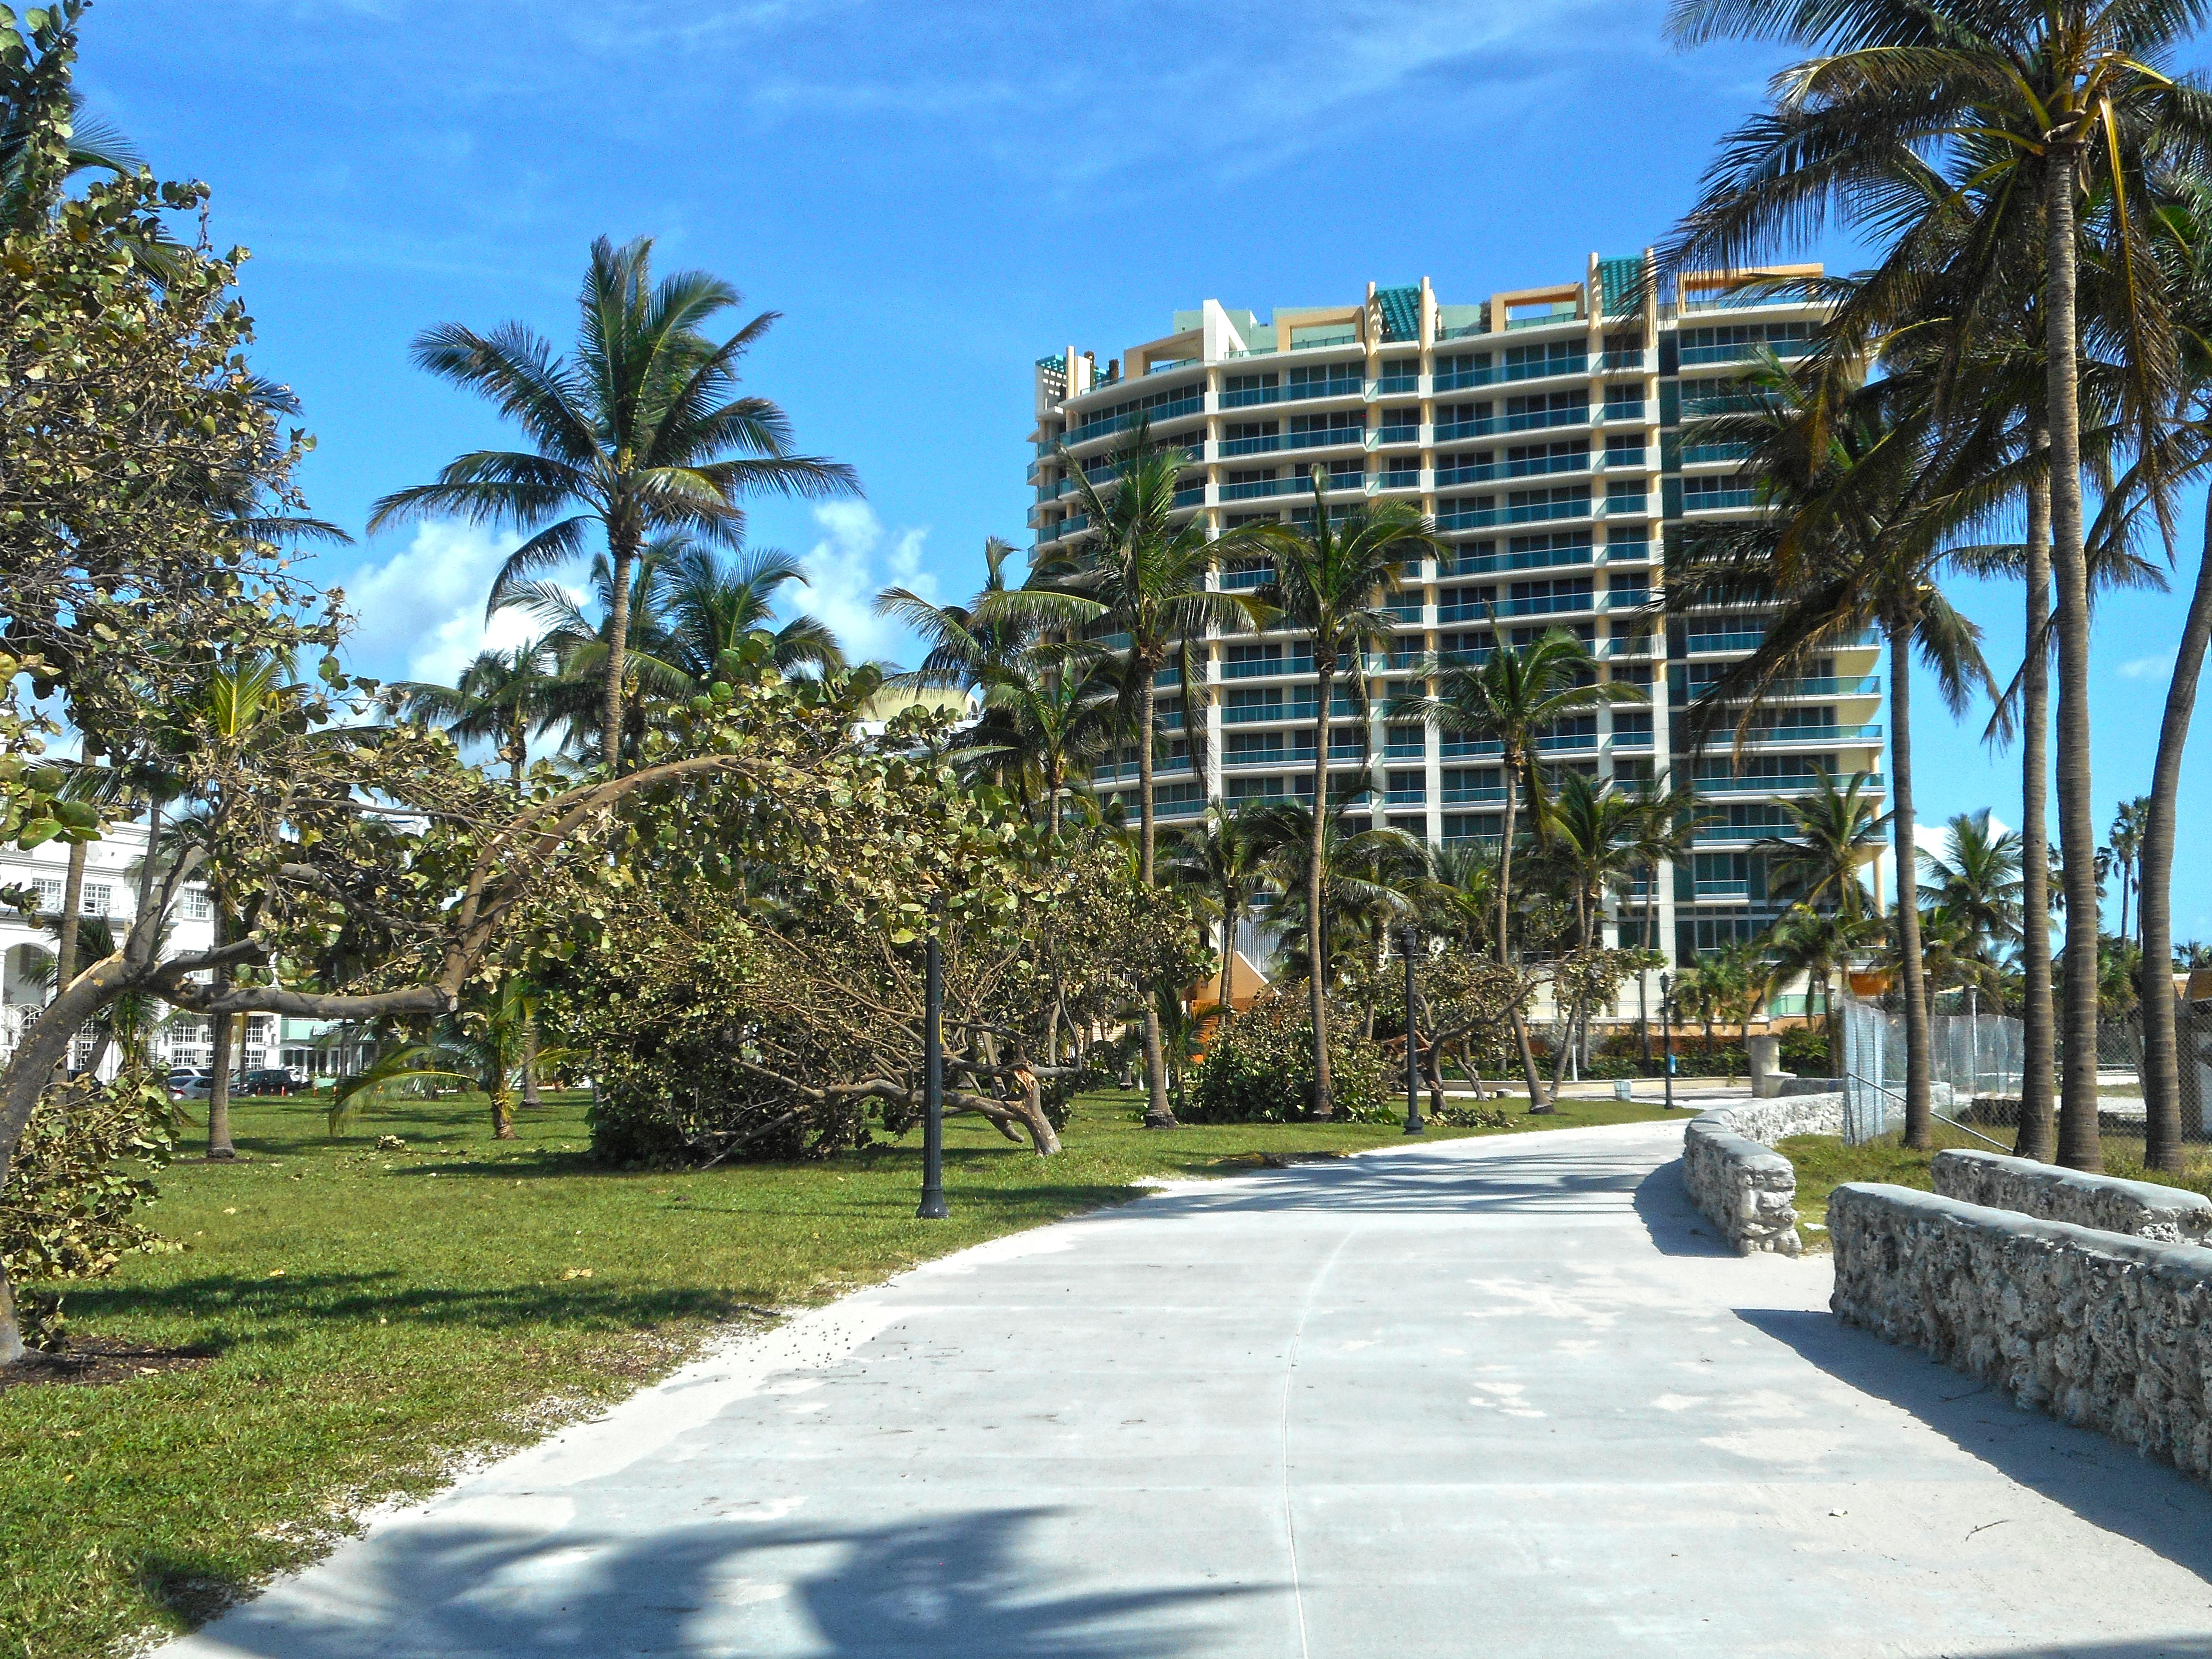 3d135d4c66a File Hurricane Irma 2017 - Miami Beach - South Beach Damage 11.jpg ...